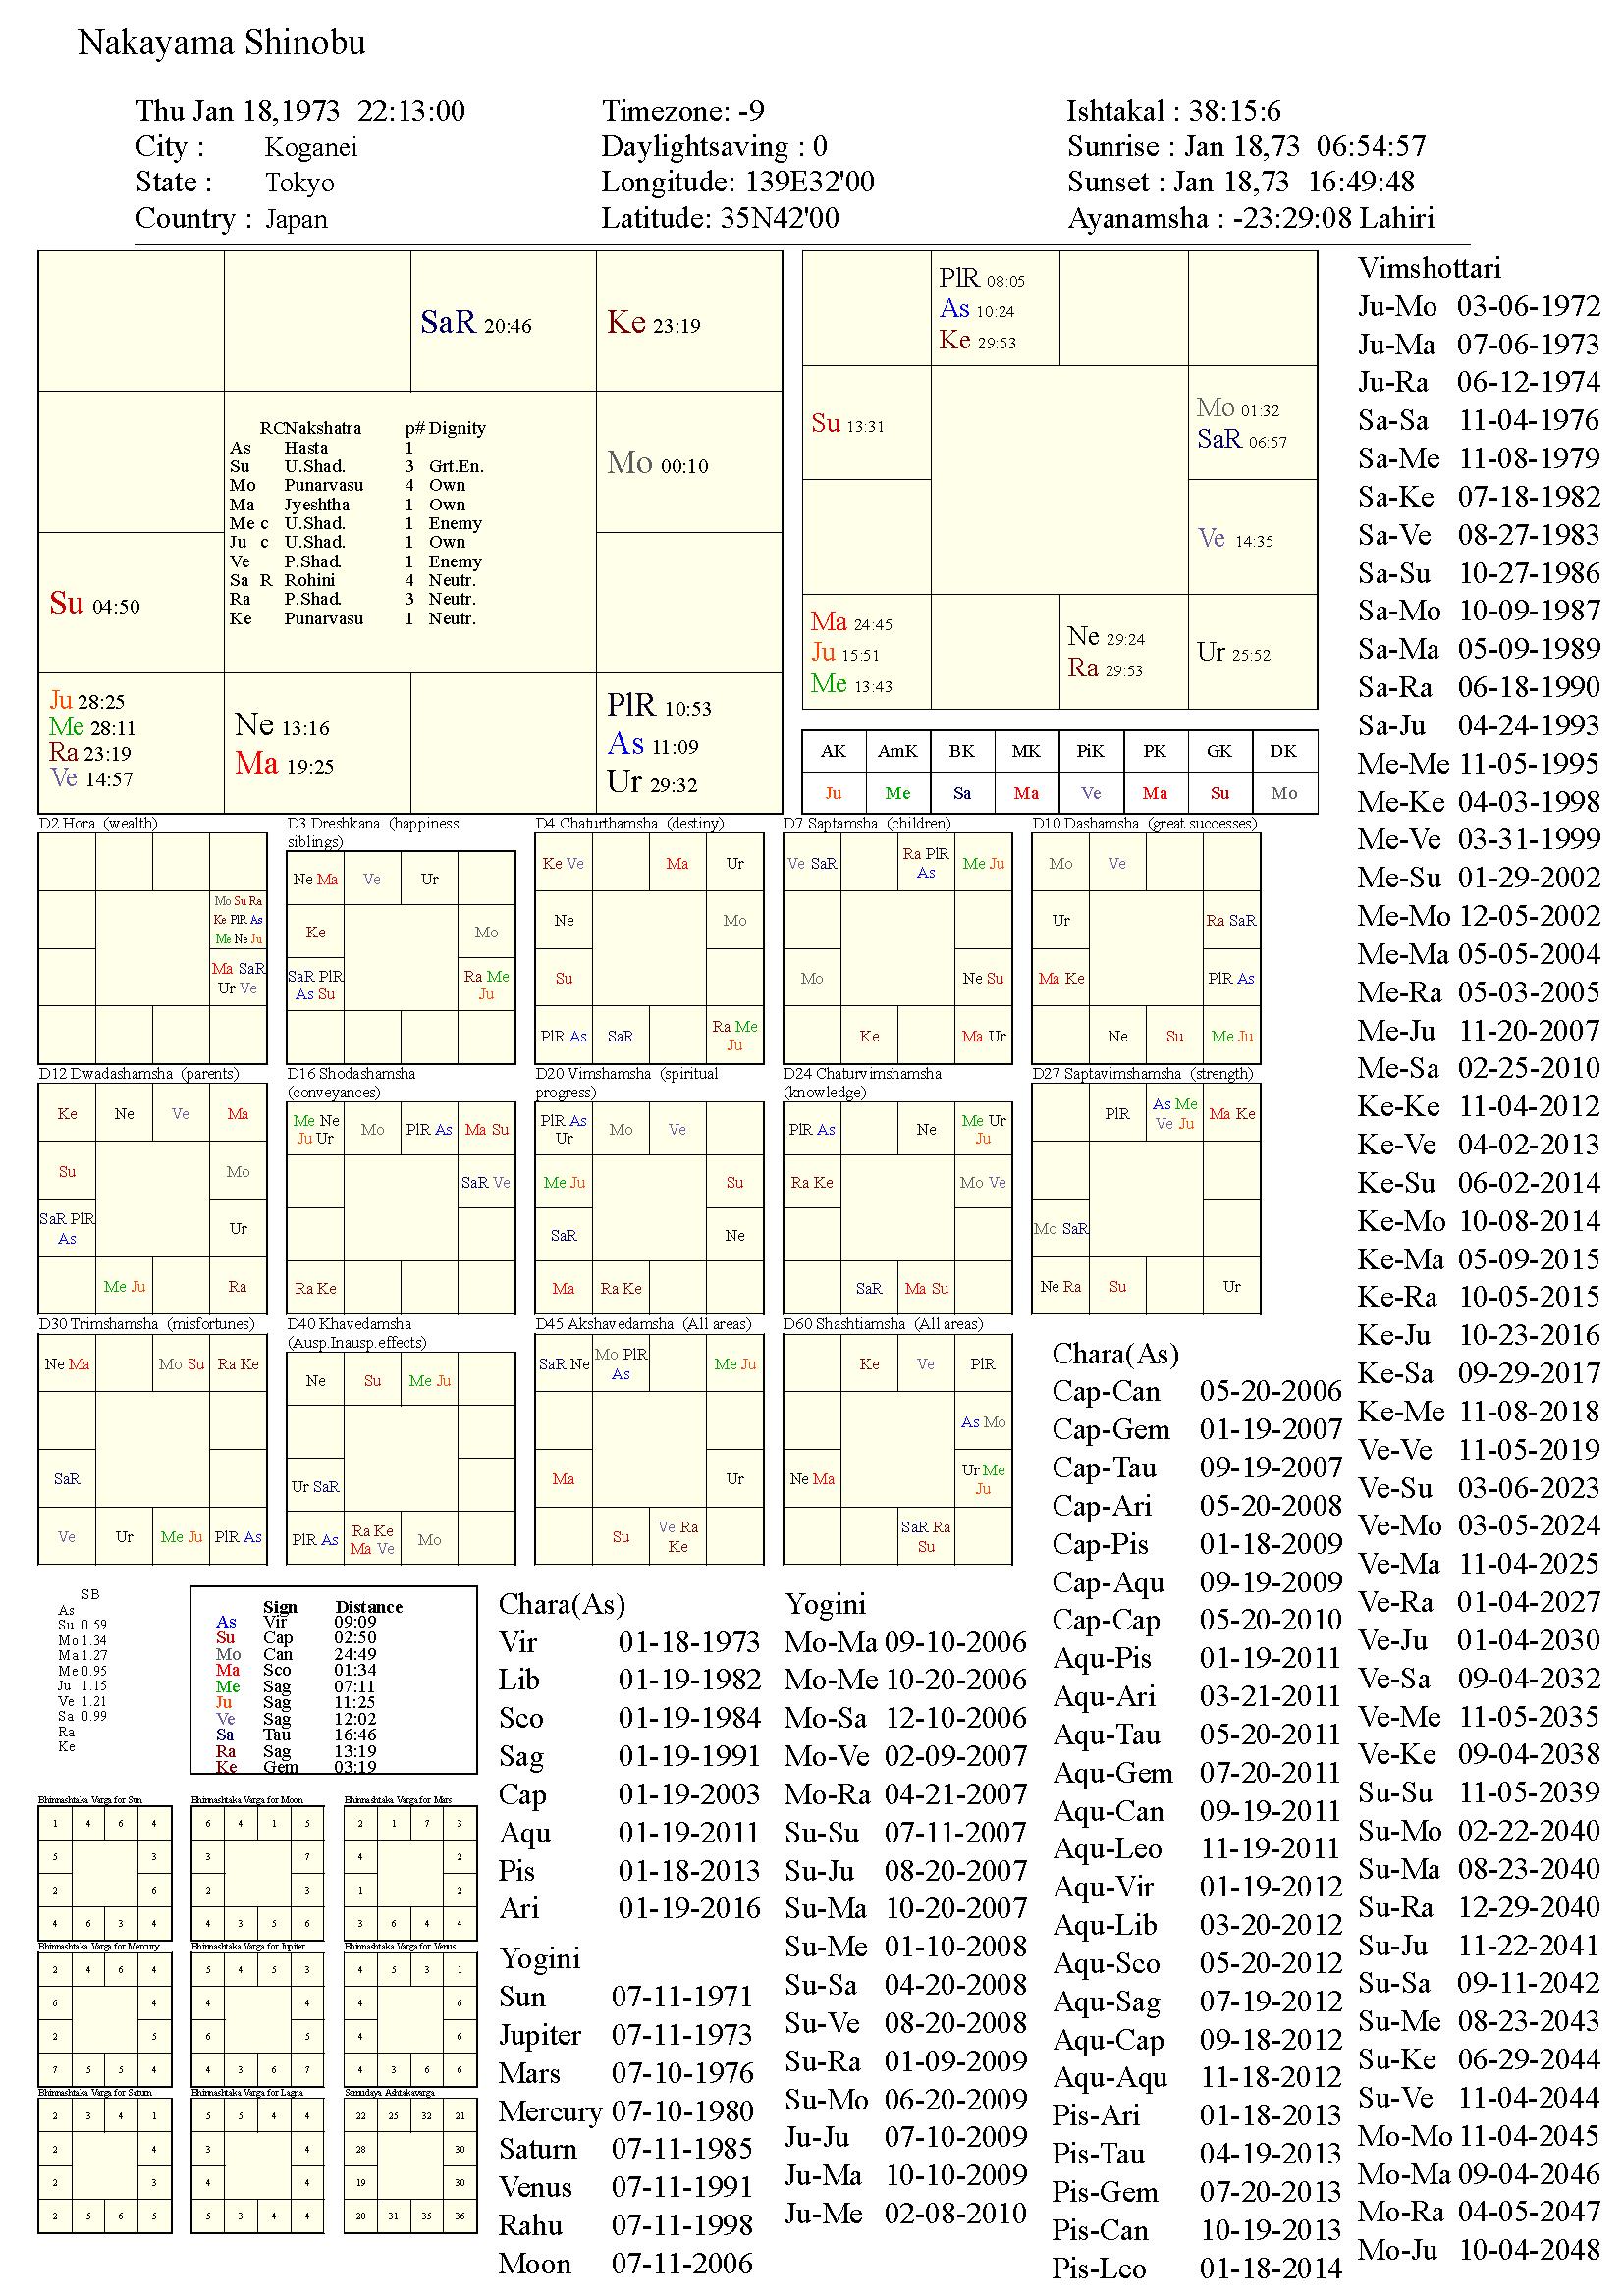 nakayamashinobu_chart